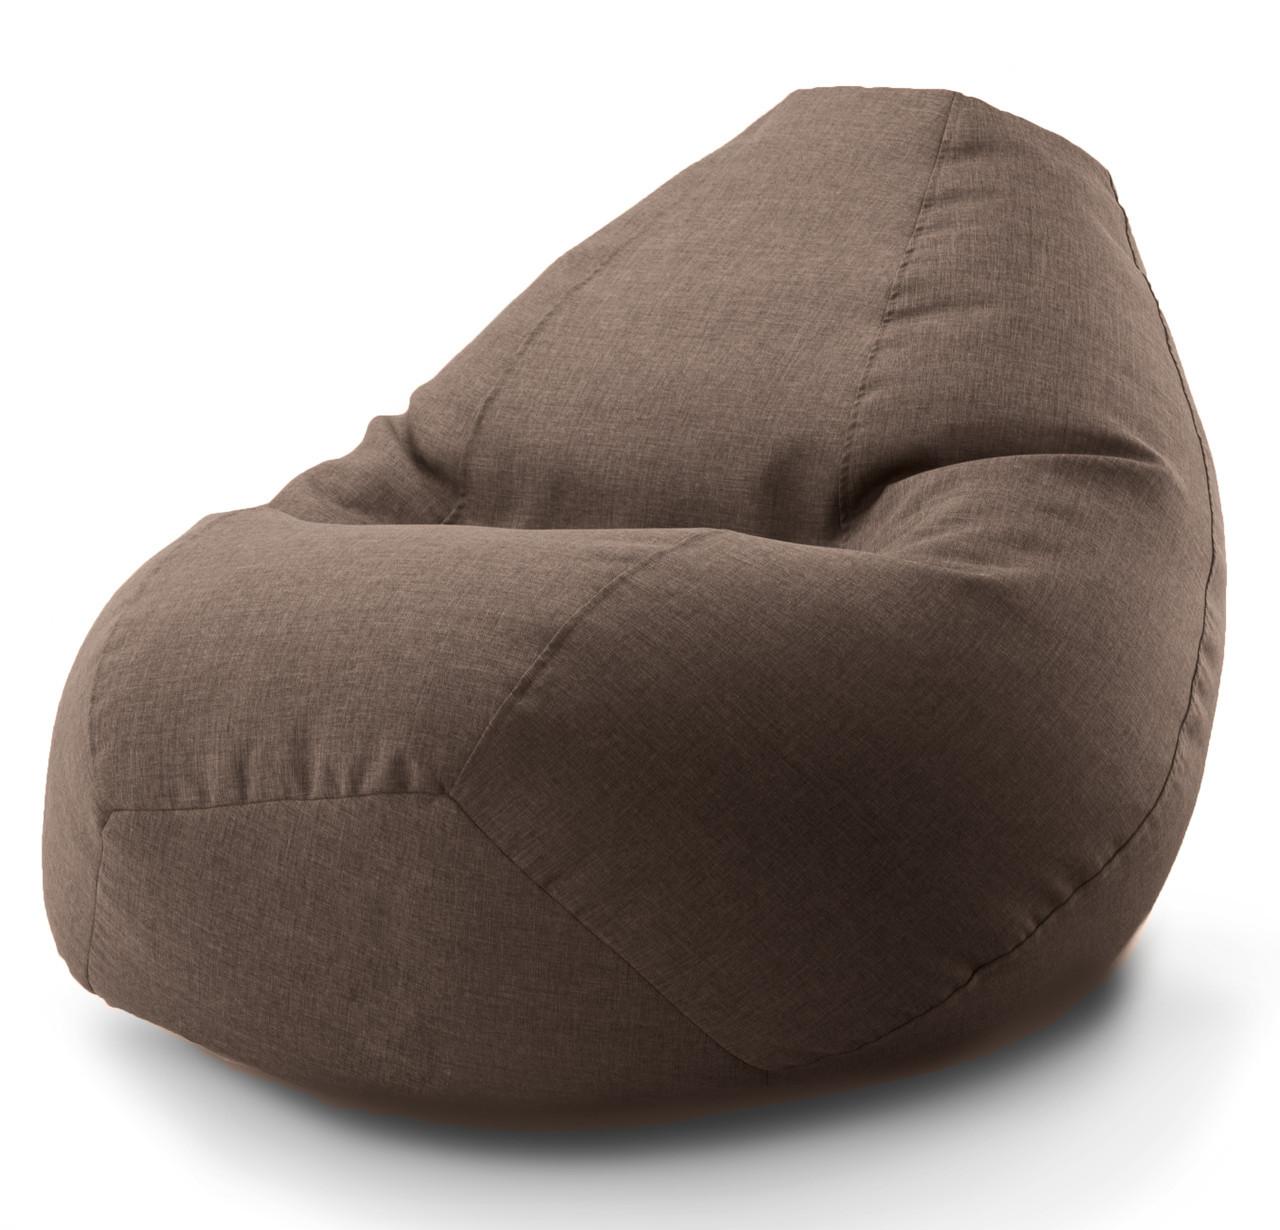 Большое овальное кресло-мешок, груша Микро-рогожка 90*130 см. С дополнительным чехлом